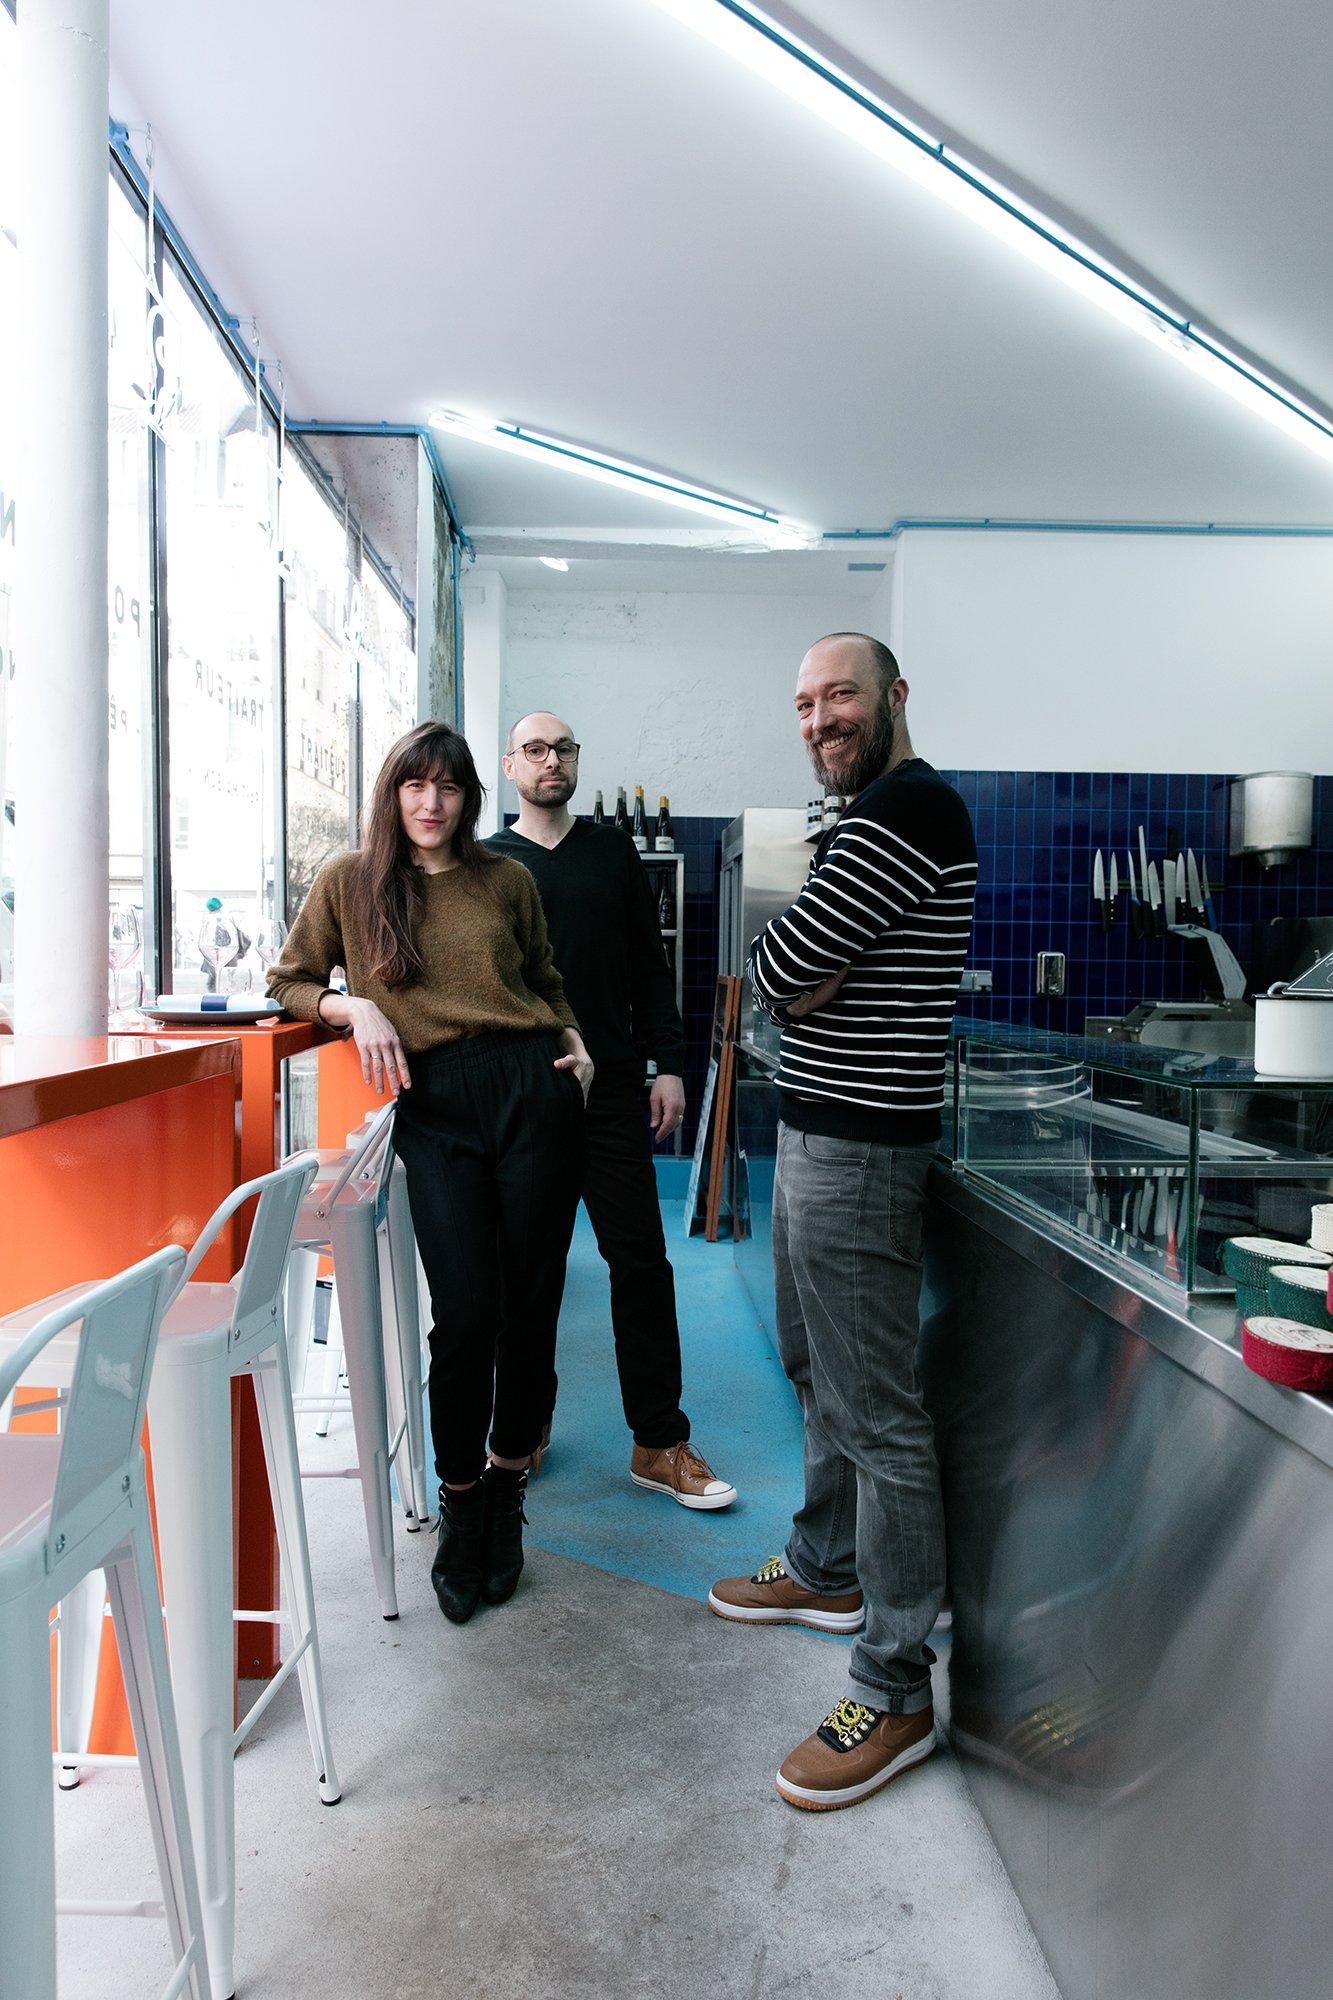 Équipe Poissonnerie Traiteur Restauration La Reine Mer Paris